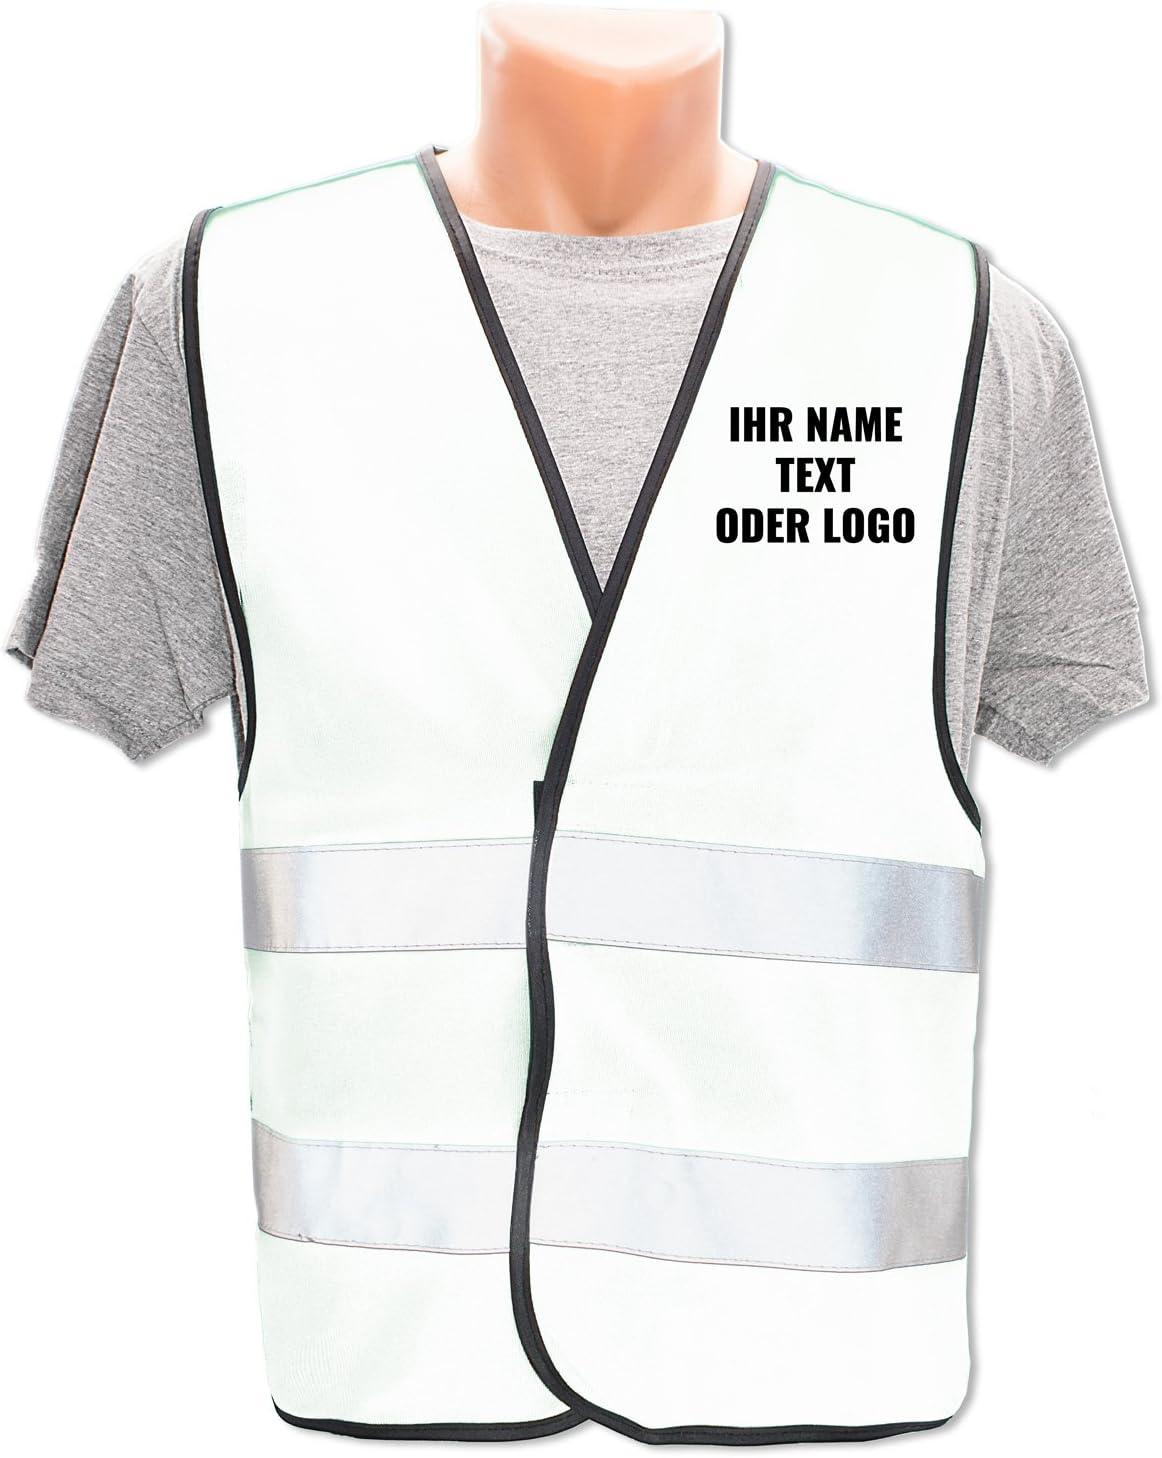 Menge:10 Warnwesten Bedruckt mit Name Text Bild Logo Firma Pers/önliche Warnweste selbst gestalten mit eigenem Aufdruck Farbe//Position:Gr/ün//OHNE Druck